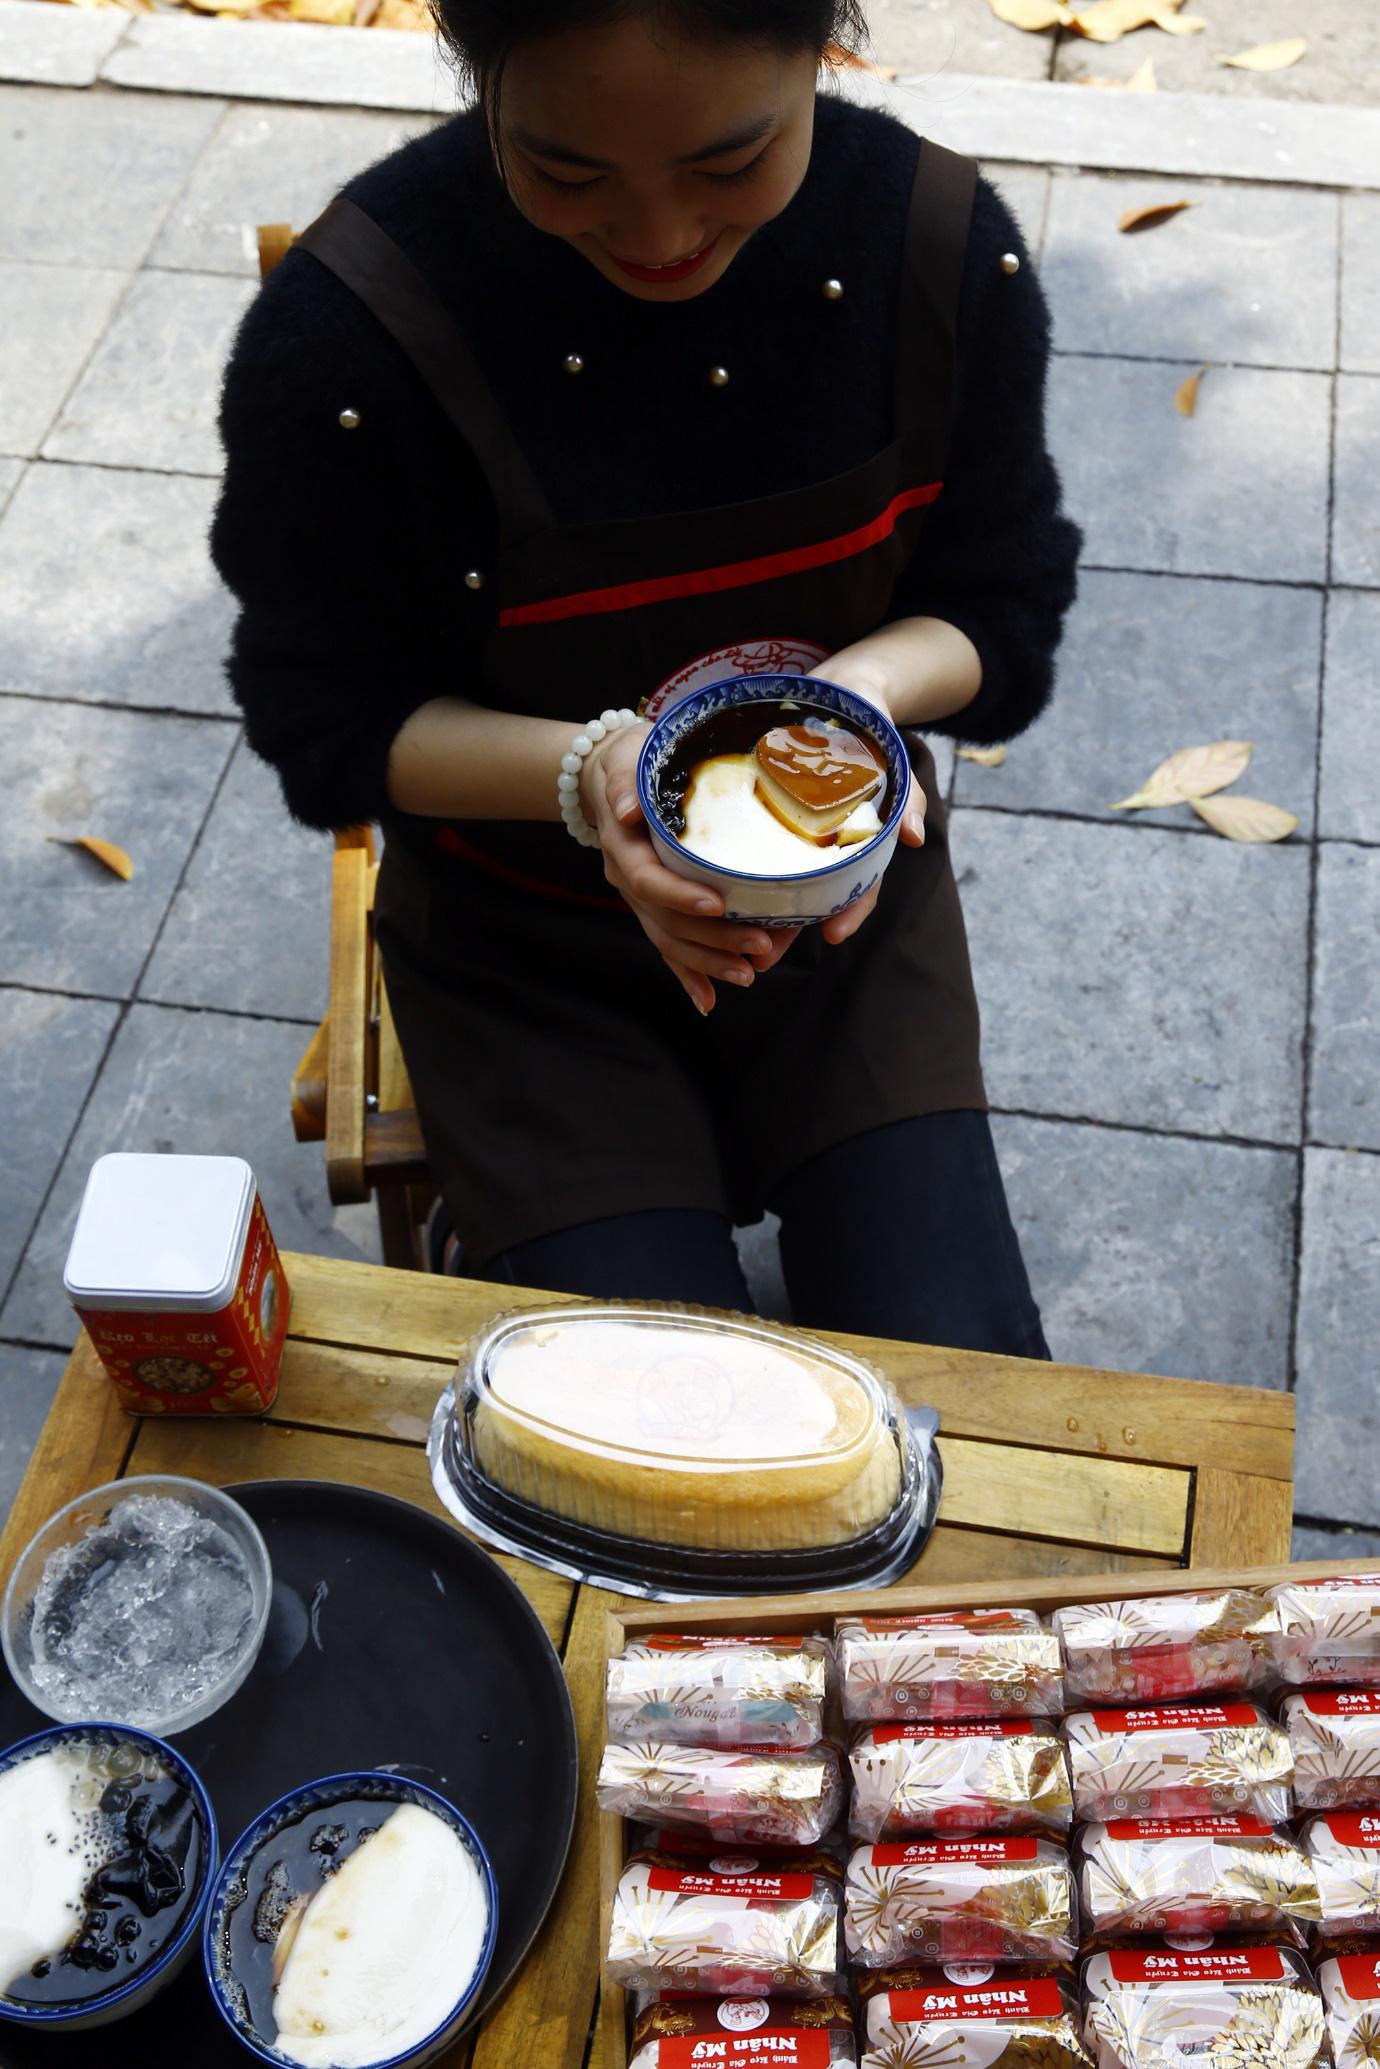 Vua Tào Phớ - Từ cối đá 2 tấn xay đậu nành đến chặng đường 10 năm sáng tạo menu của riêng mình - Ảnh 4.